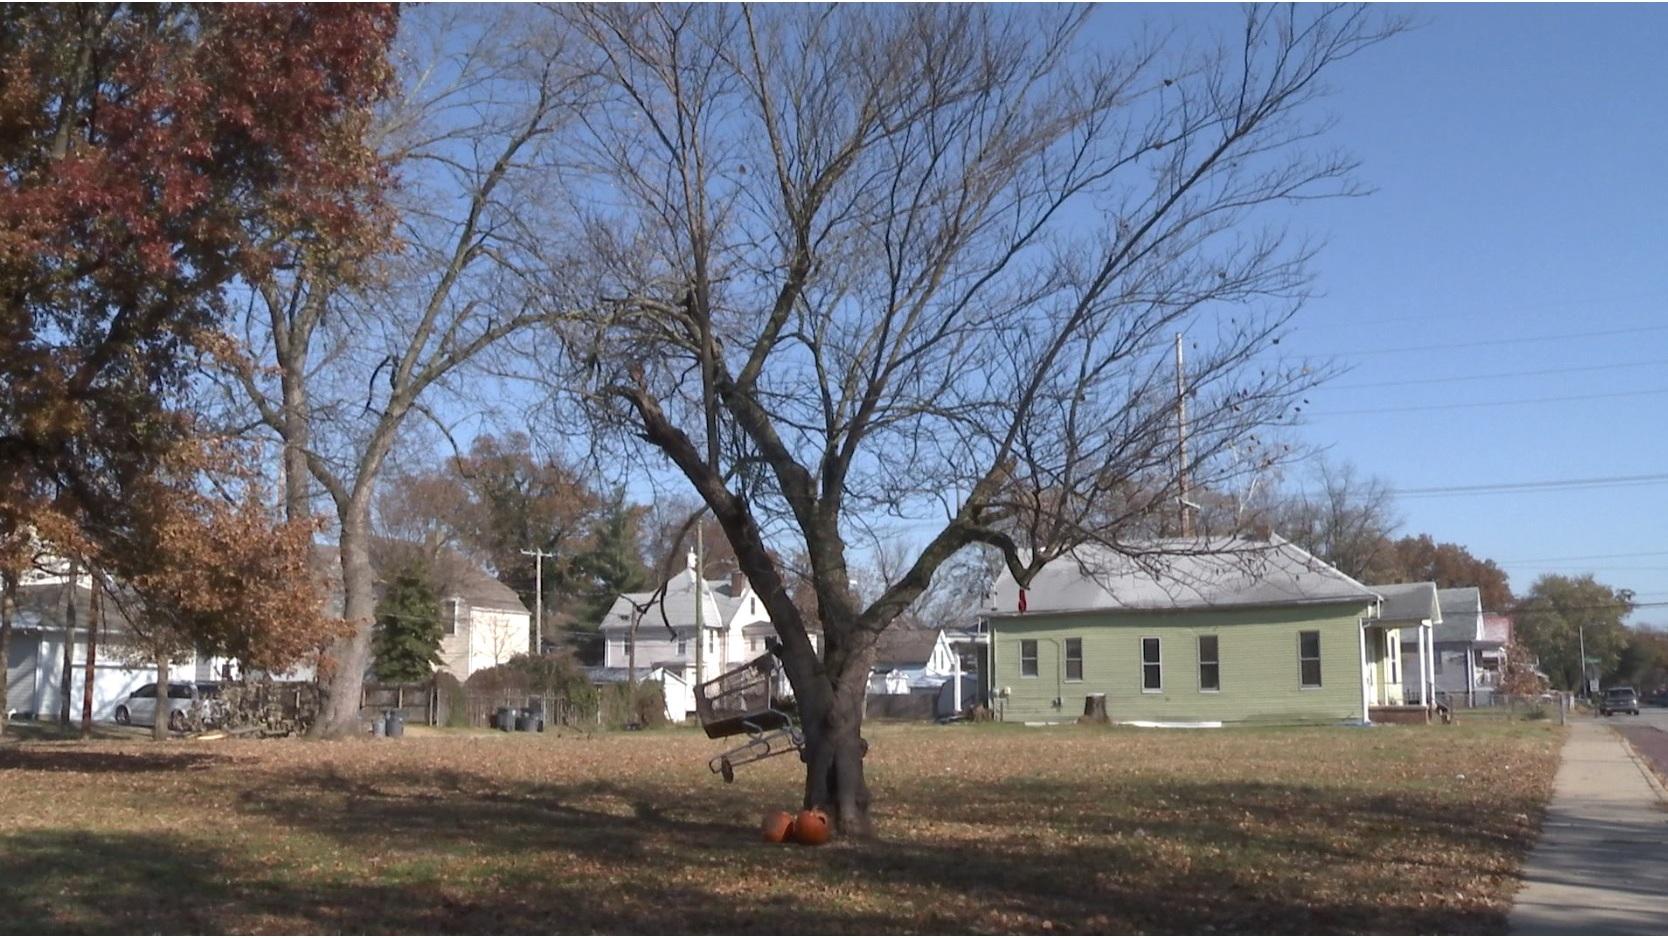 Evansville_secures_affordable_housing_0_20181116235005